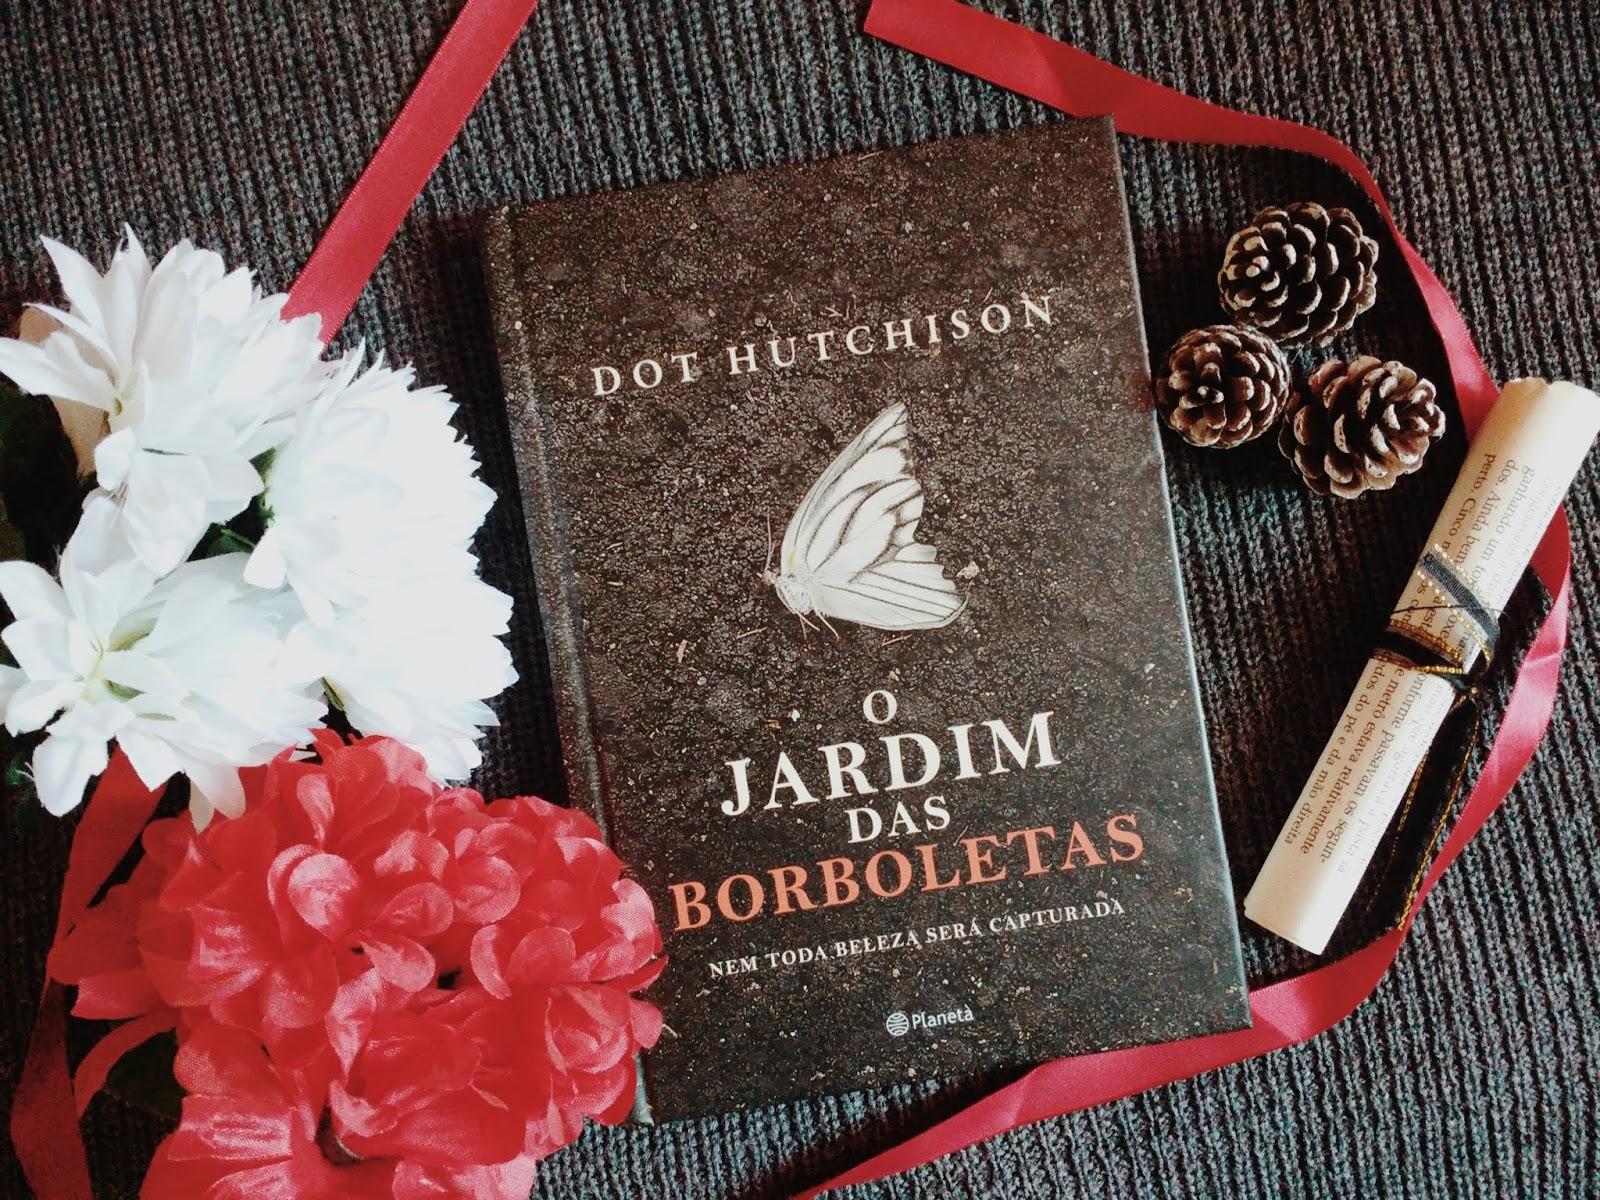 [Resenha] O jardim das borboletas - Entre páginas e café